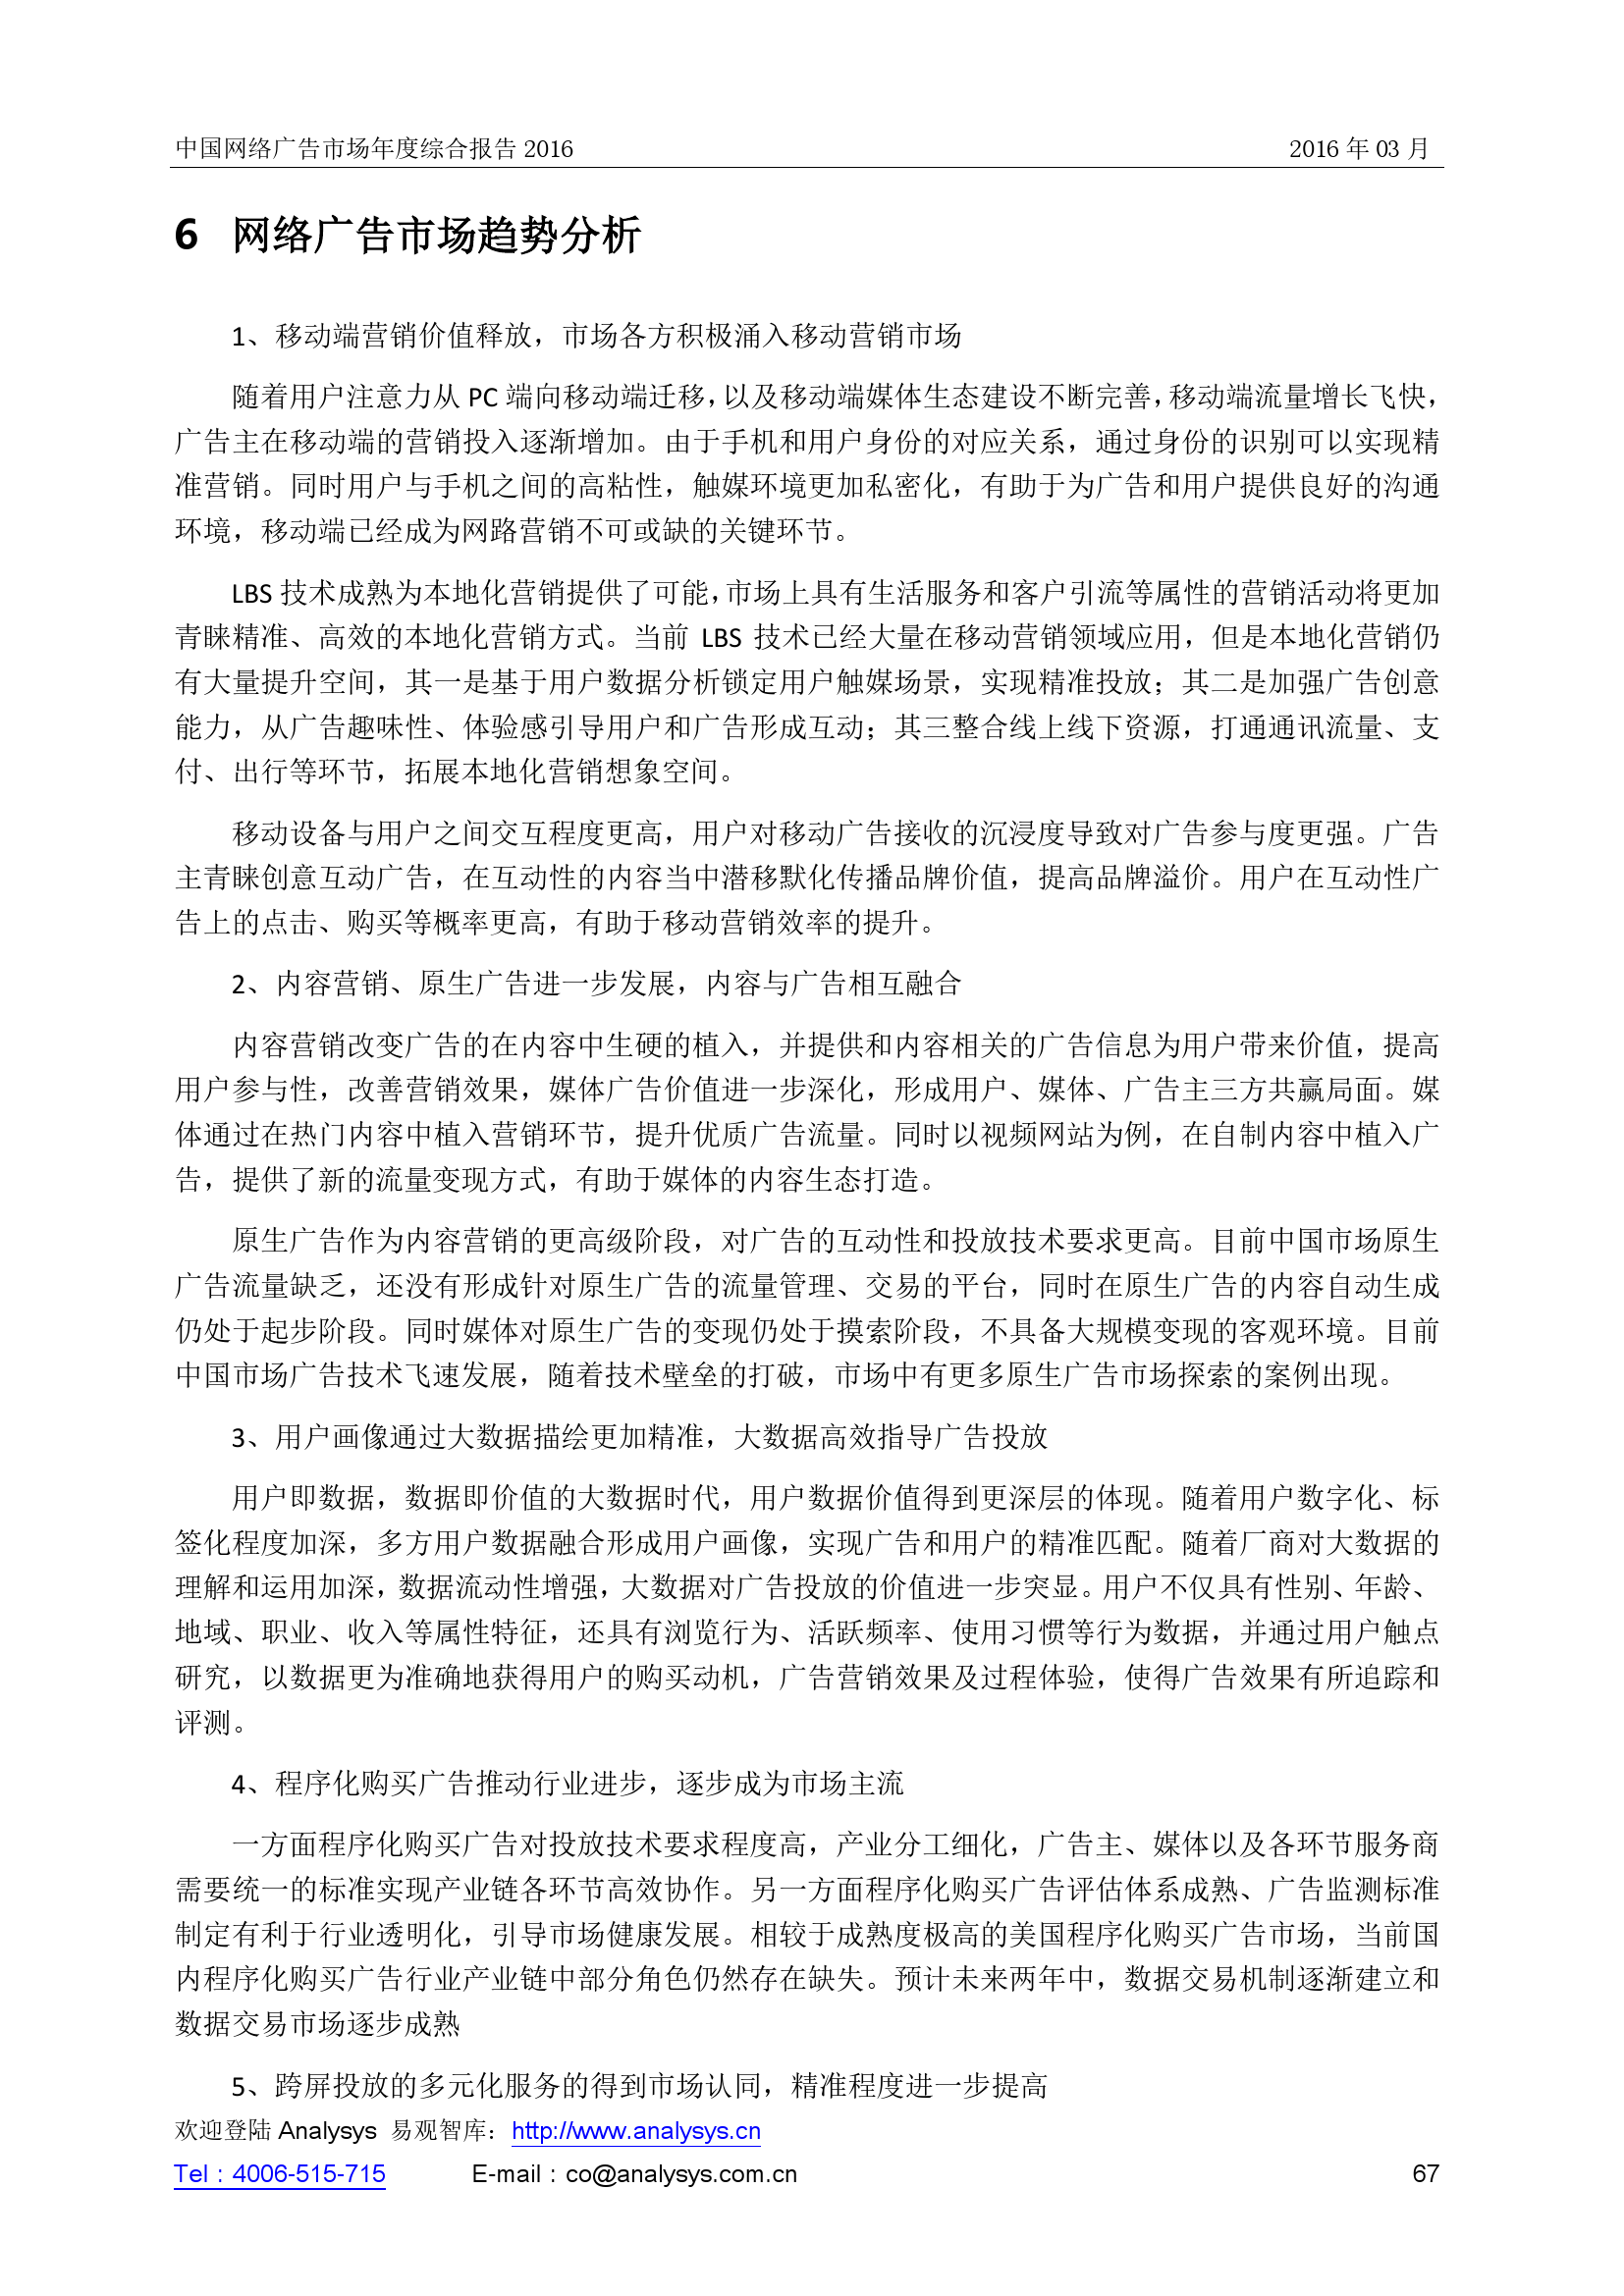 中国网络广告市场年度综合报告2016_000067